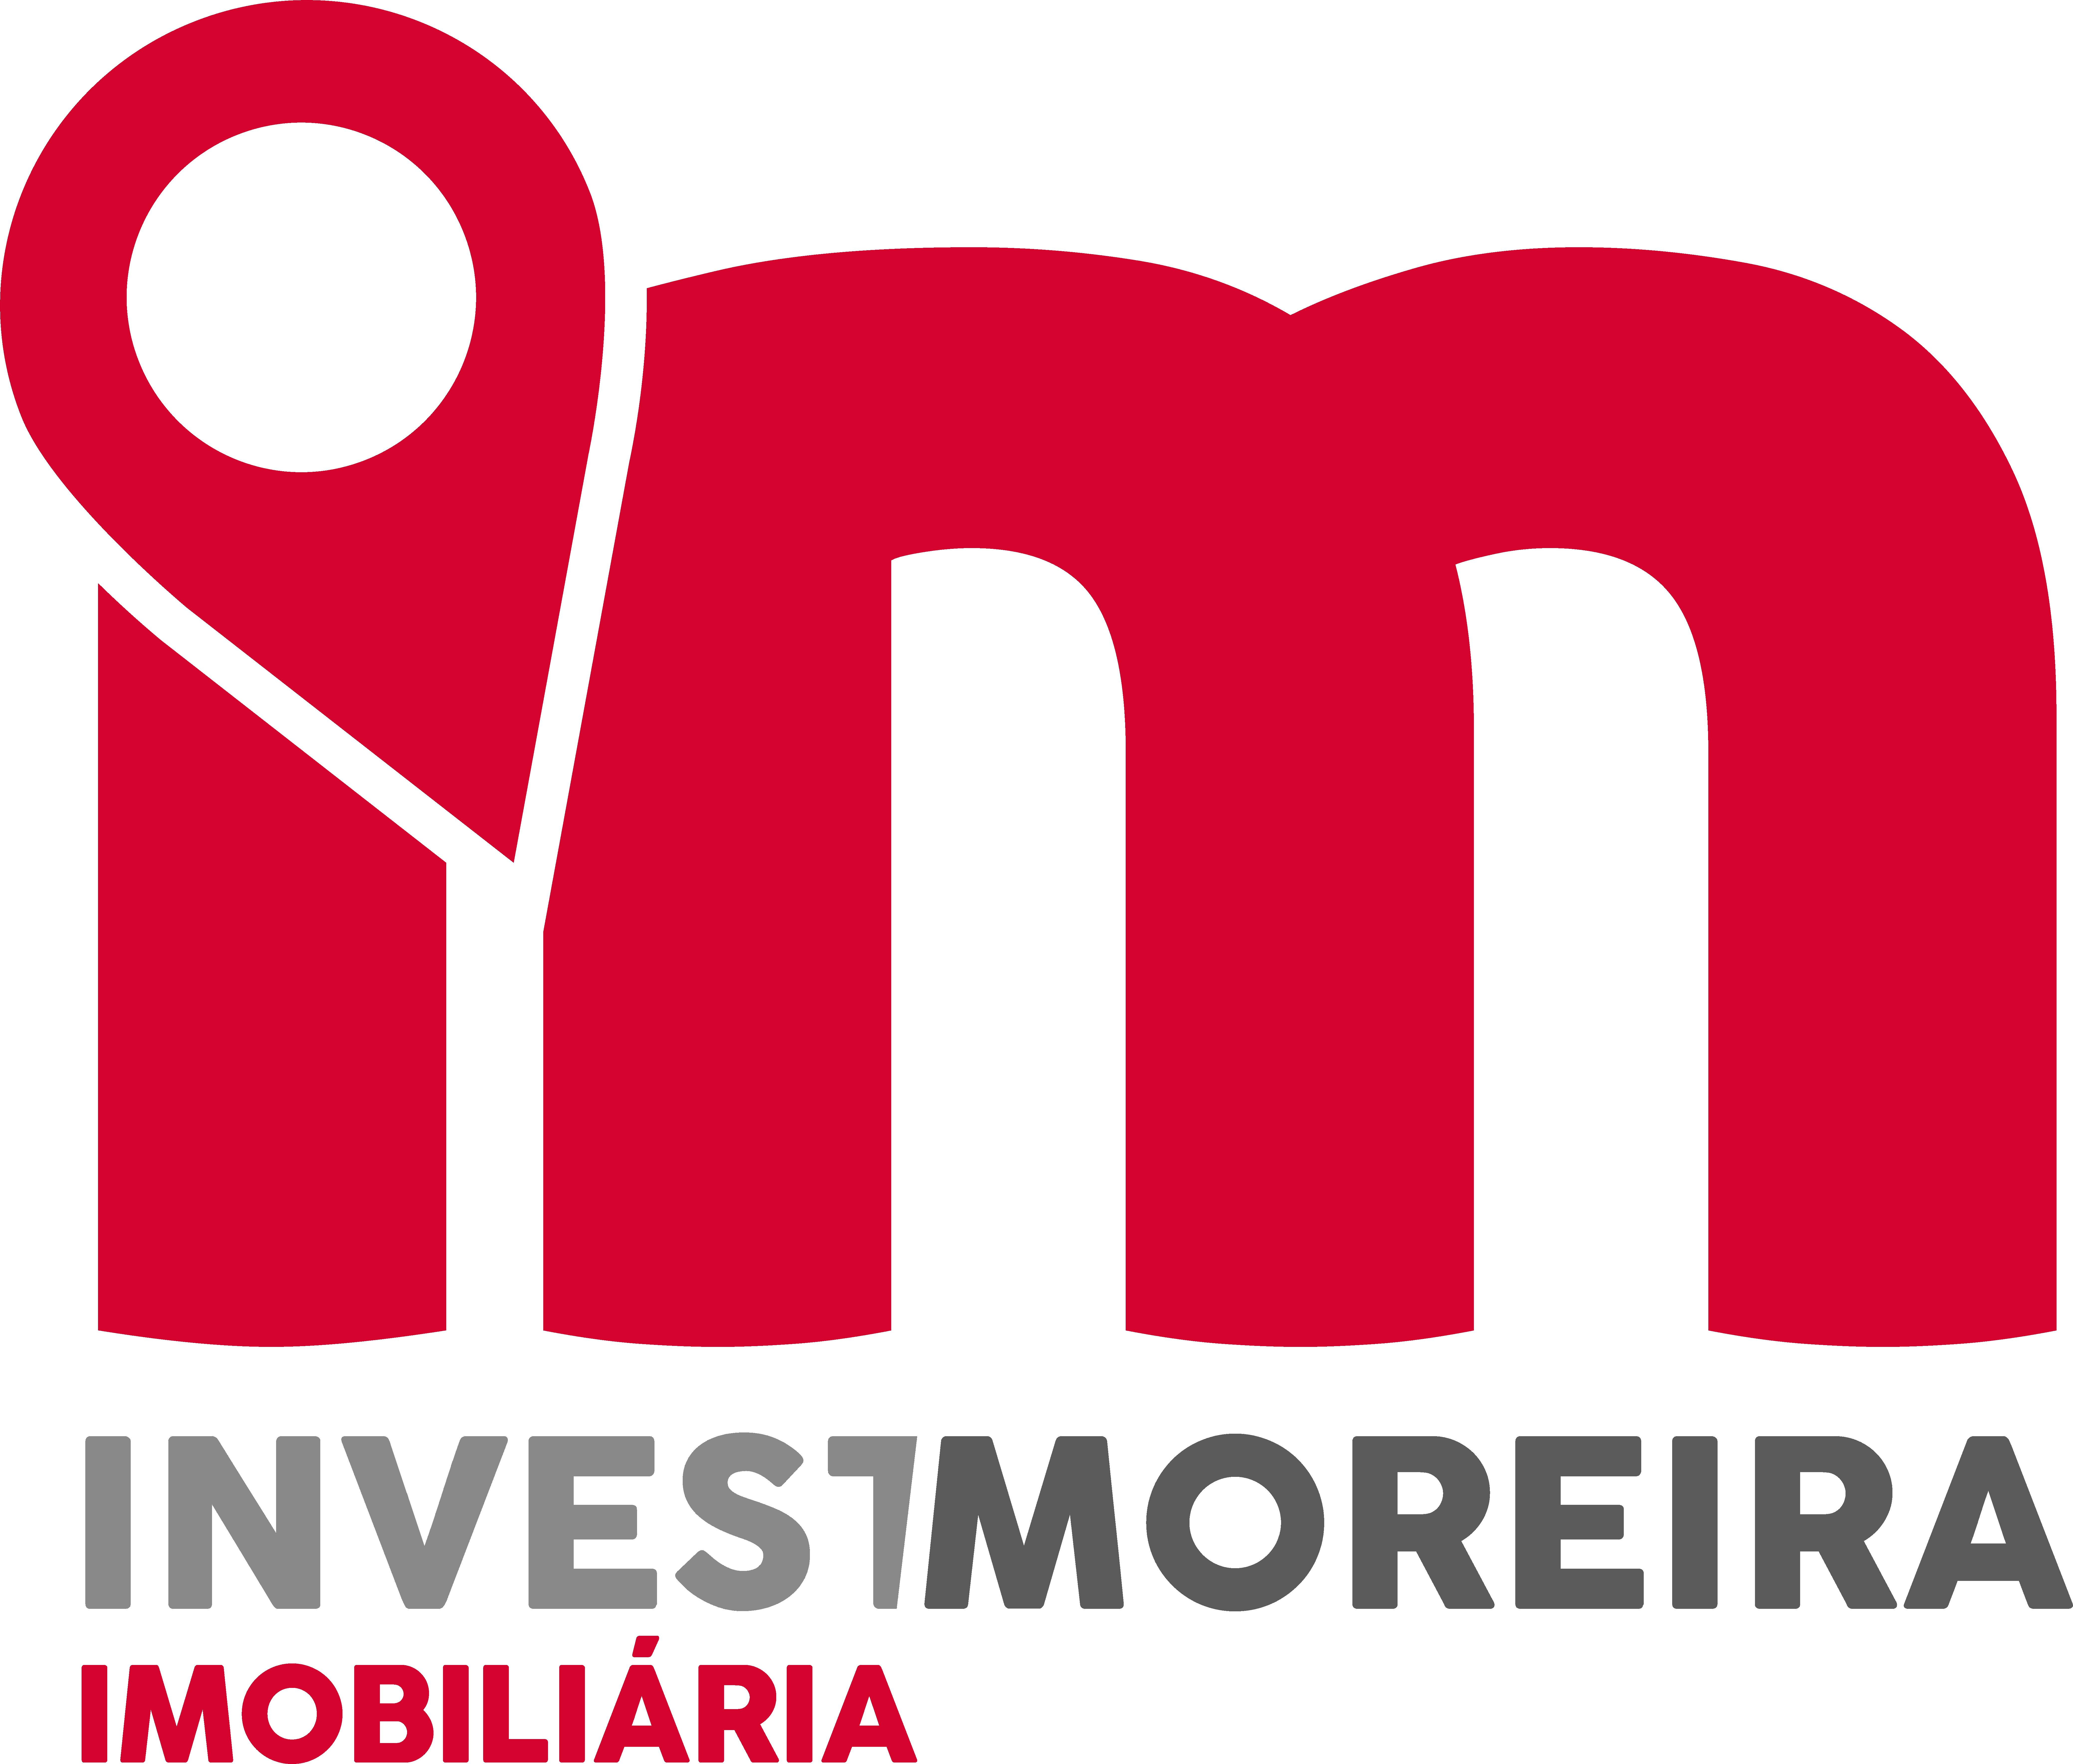 Sólidexemplo - Mediação Imobiliária, Lda.